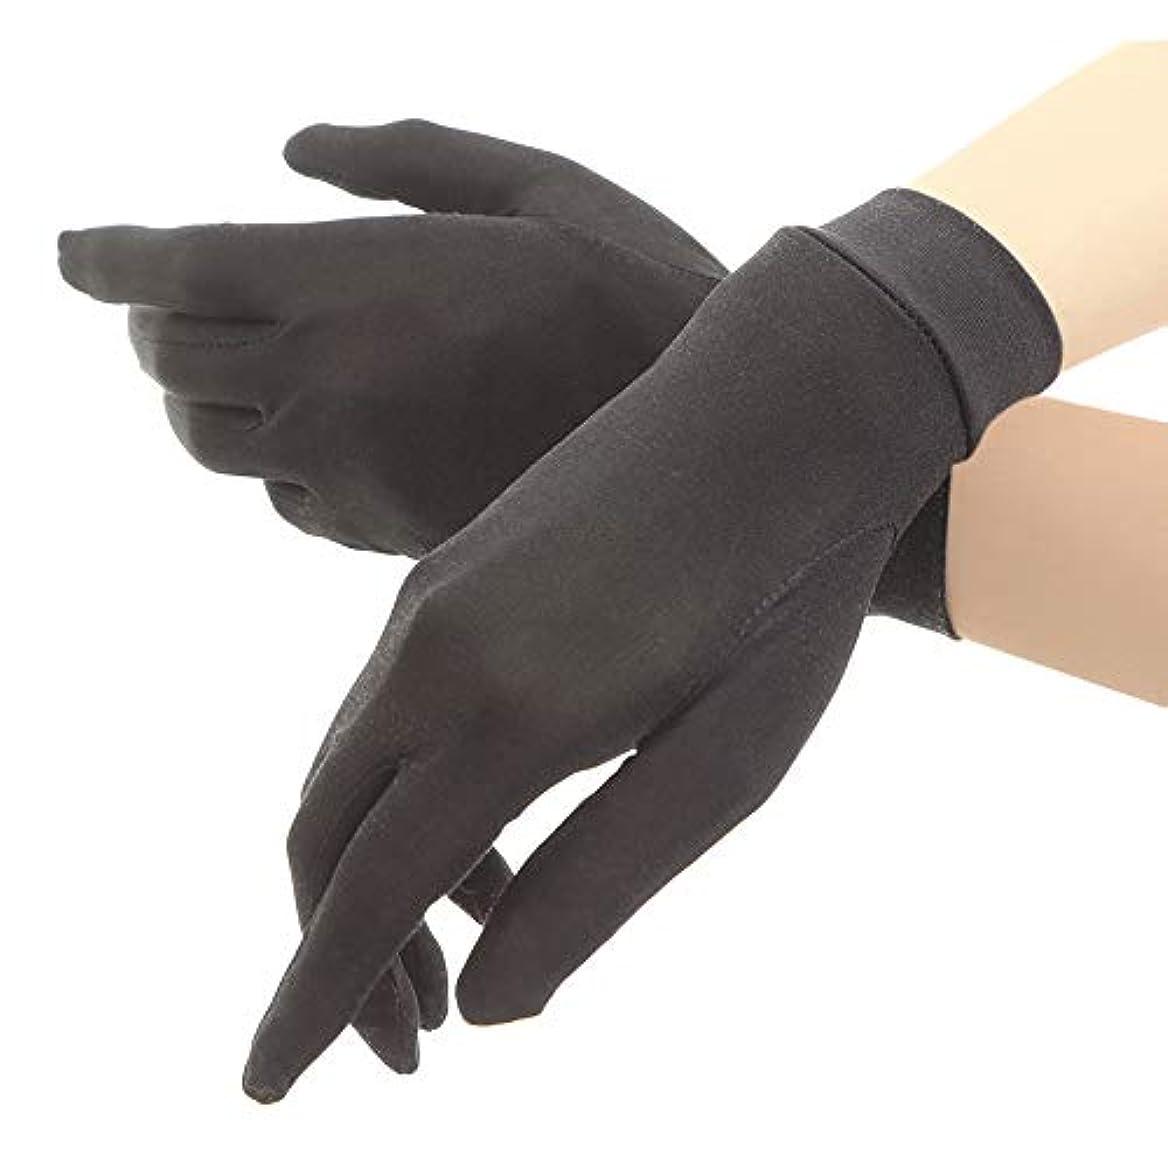 高音マウントバンク化粧シルク手袋 レディース 手袋 シルク 絹 ハンド ケア 保湿 紫外線 肌荒れ 乾燥 サイズアップで手指にマッチ 【macch】